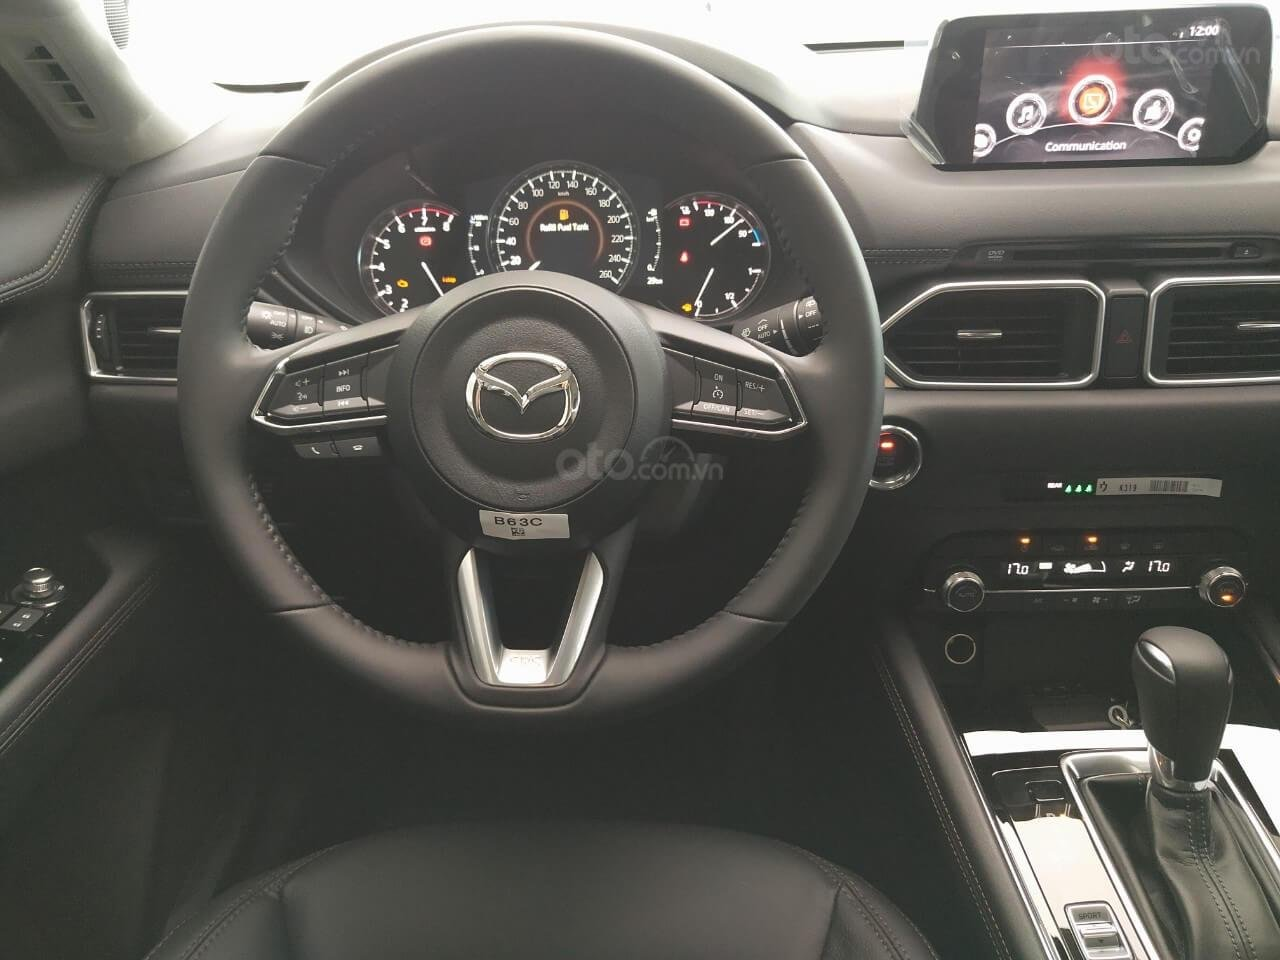 [Mazda Bình Tân - HCM] New Mazda CX-5 siêu phẩm SUV đủ màu giao xe ngay, LH 0938.286.168 nhận ưu đãi hot (2)